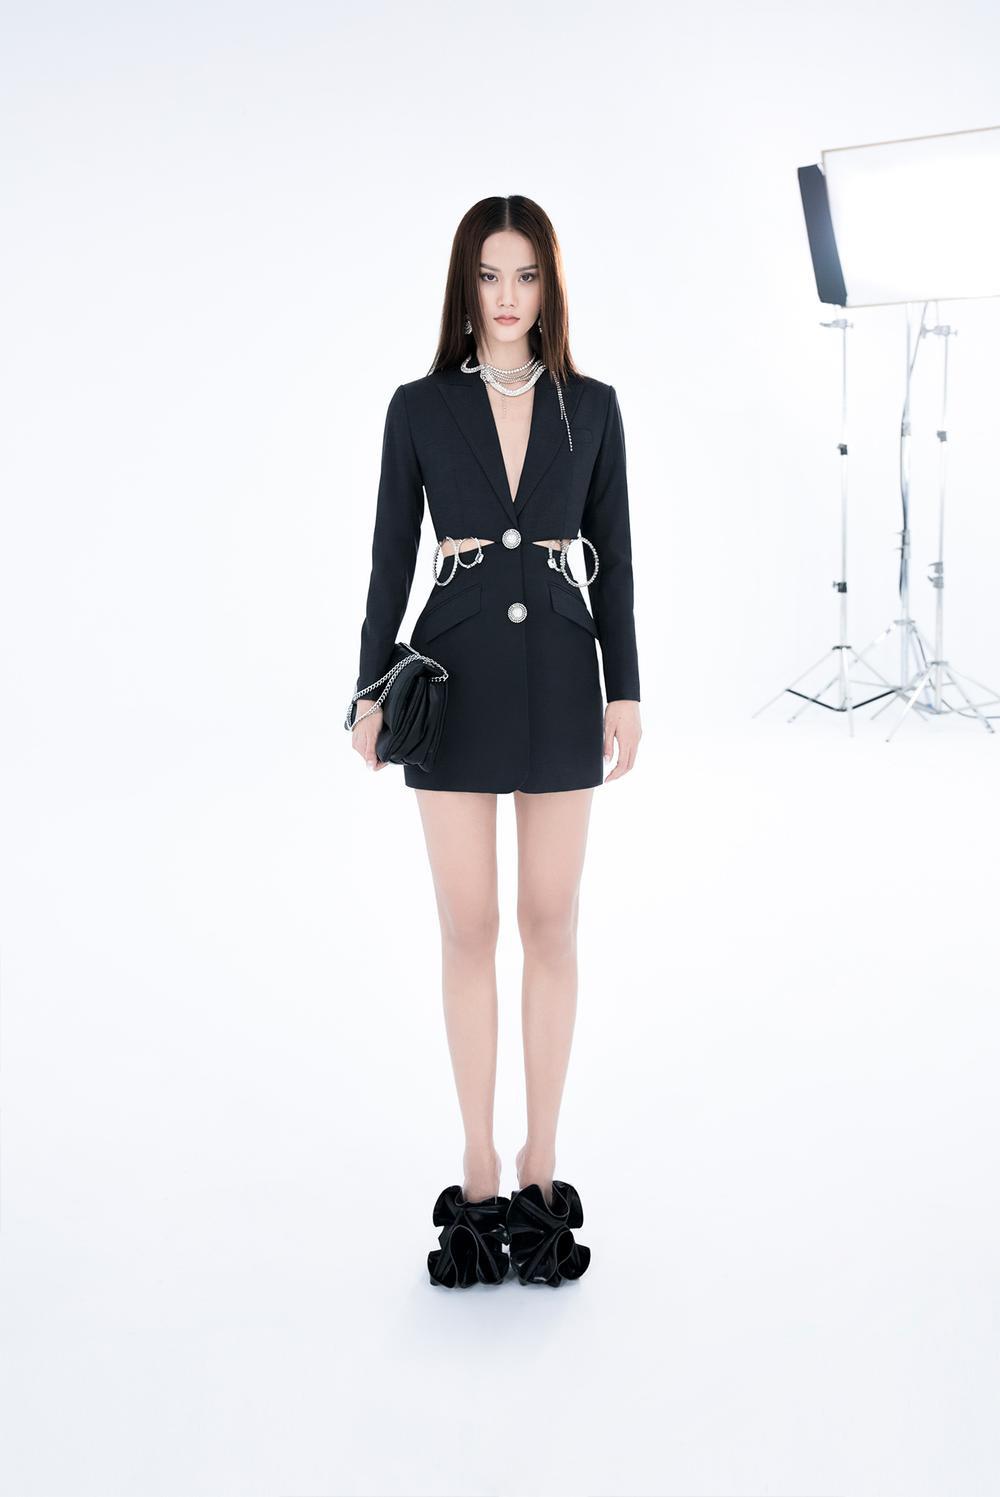 NTK Trần Hùng ra mắt BST tại London Fashion Week, chỉ dùng một người mẫu duy nhất Ảnh 27